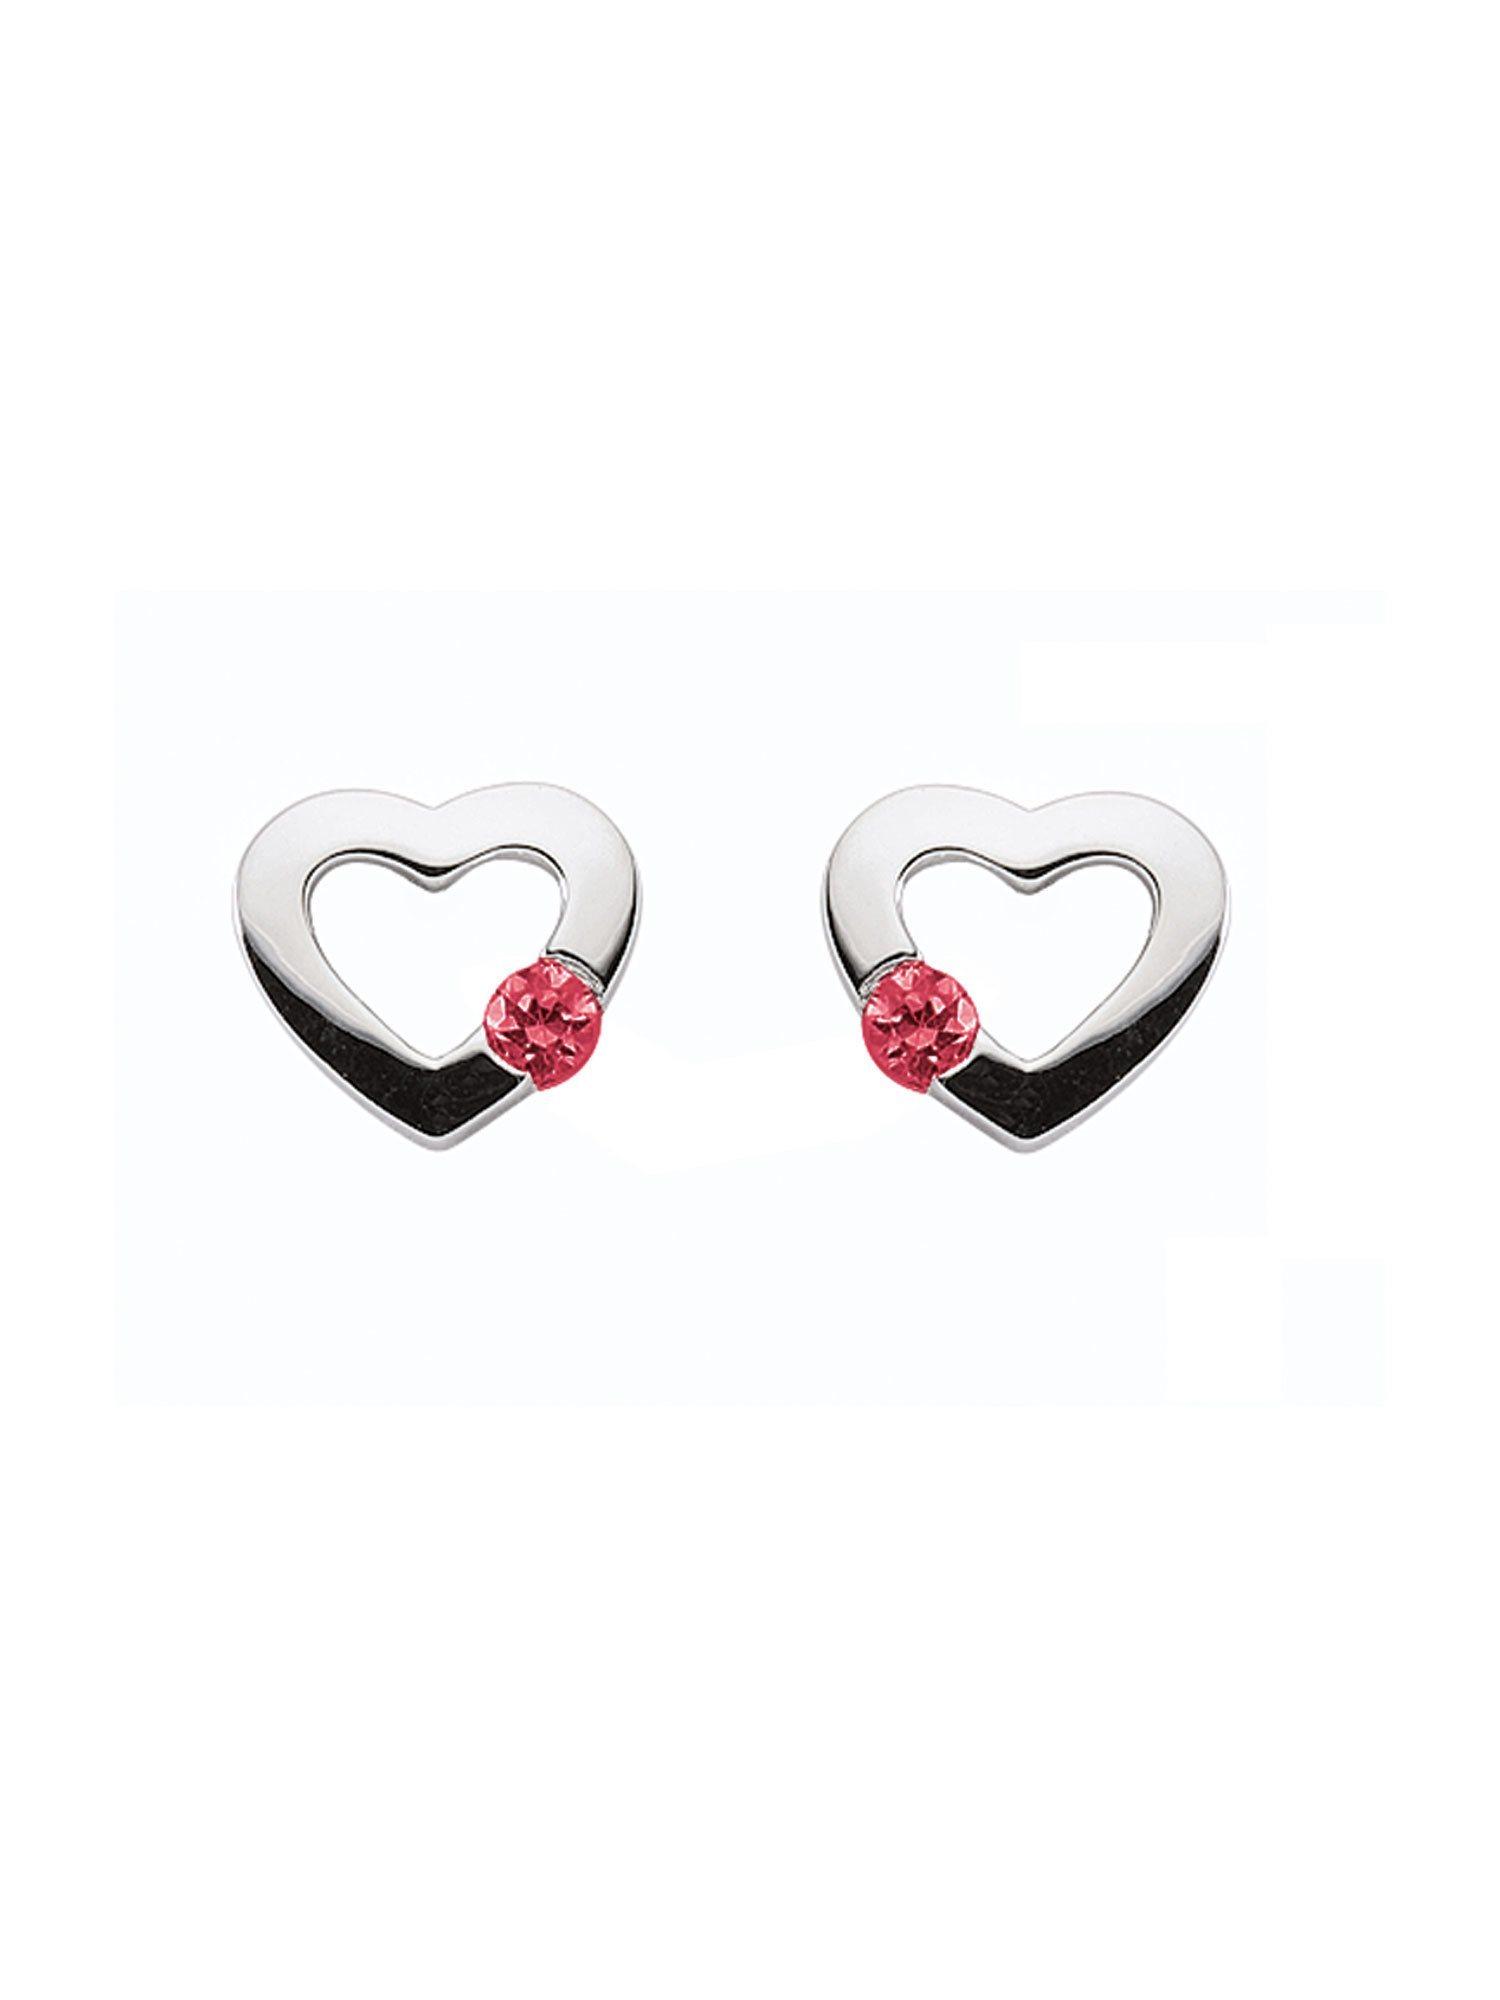 Adelia´s Paar Ohrstecker »Silber Ohrringe« Herz 925 Sterling Silber mit Zirkonia Ø 7.3 mm | Schmuck > Ohrschmuck & Ohrringe > Ohrstecker | Silber | Adelia´s